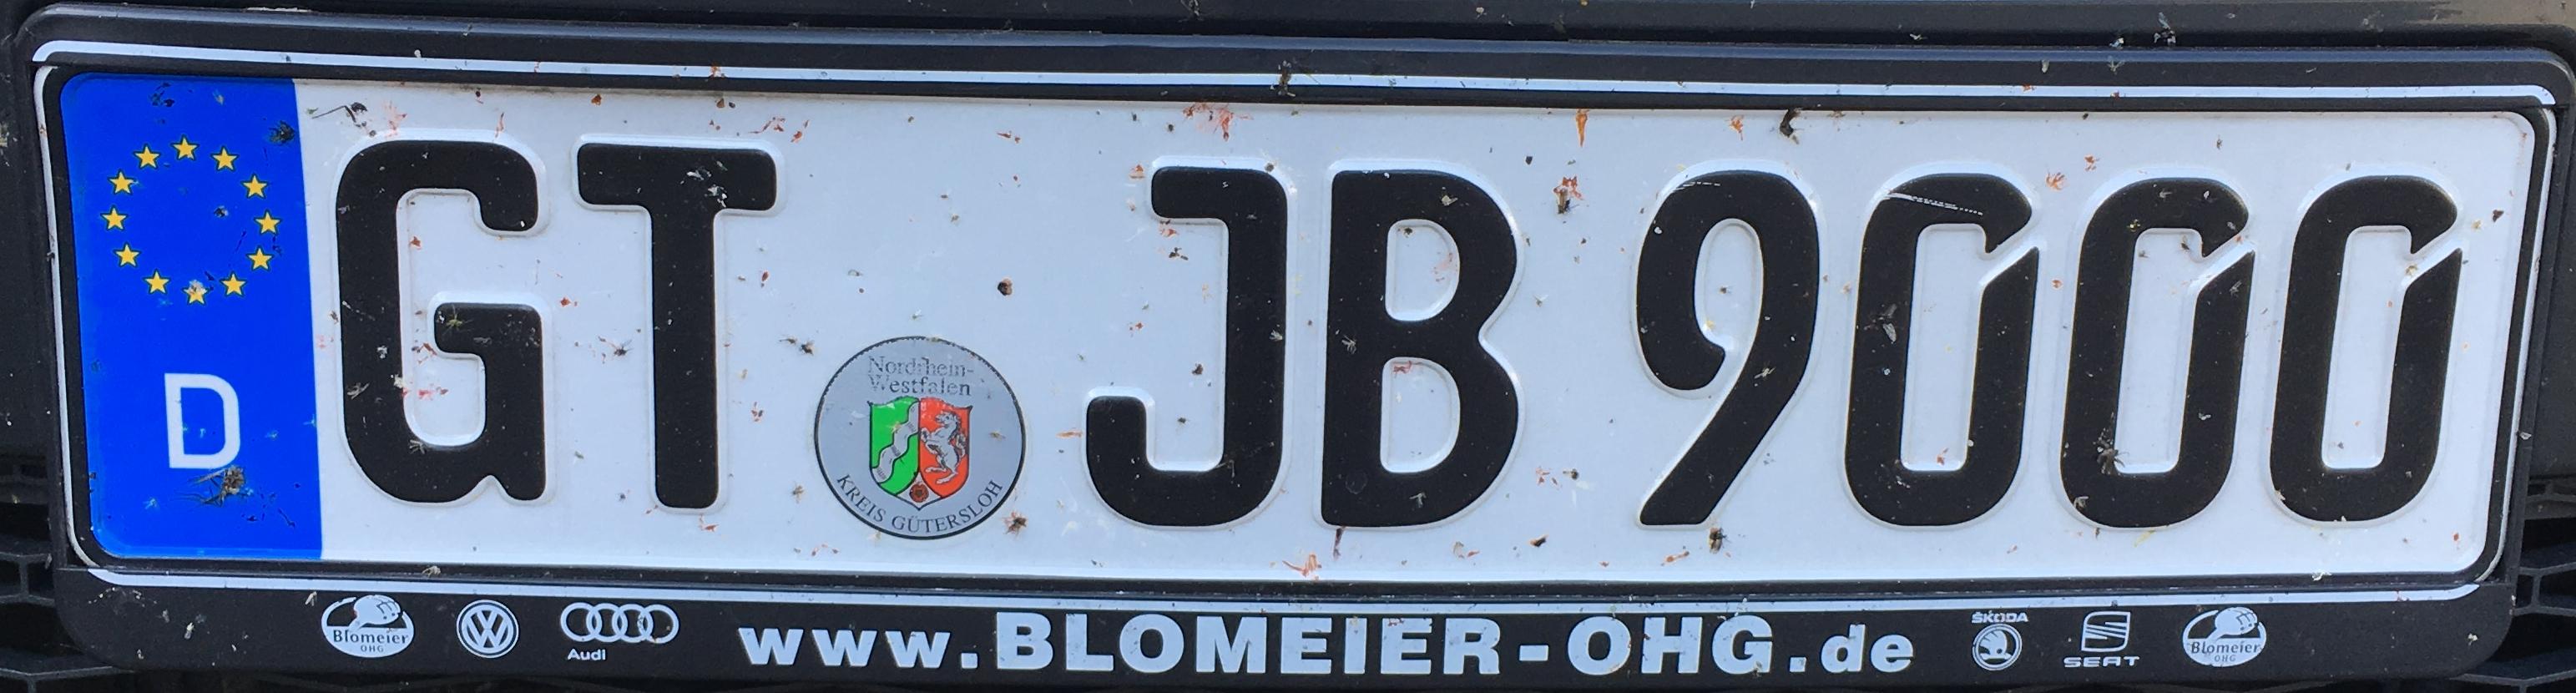 Registrační značky Německo - GT - Gütersloh, foto: www.podalnici.cz